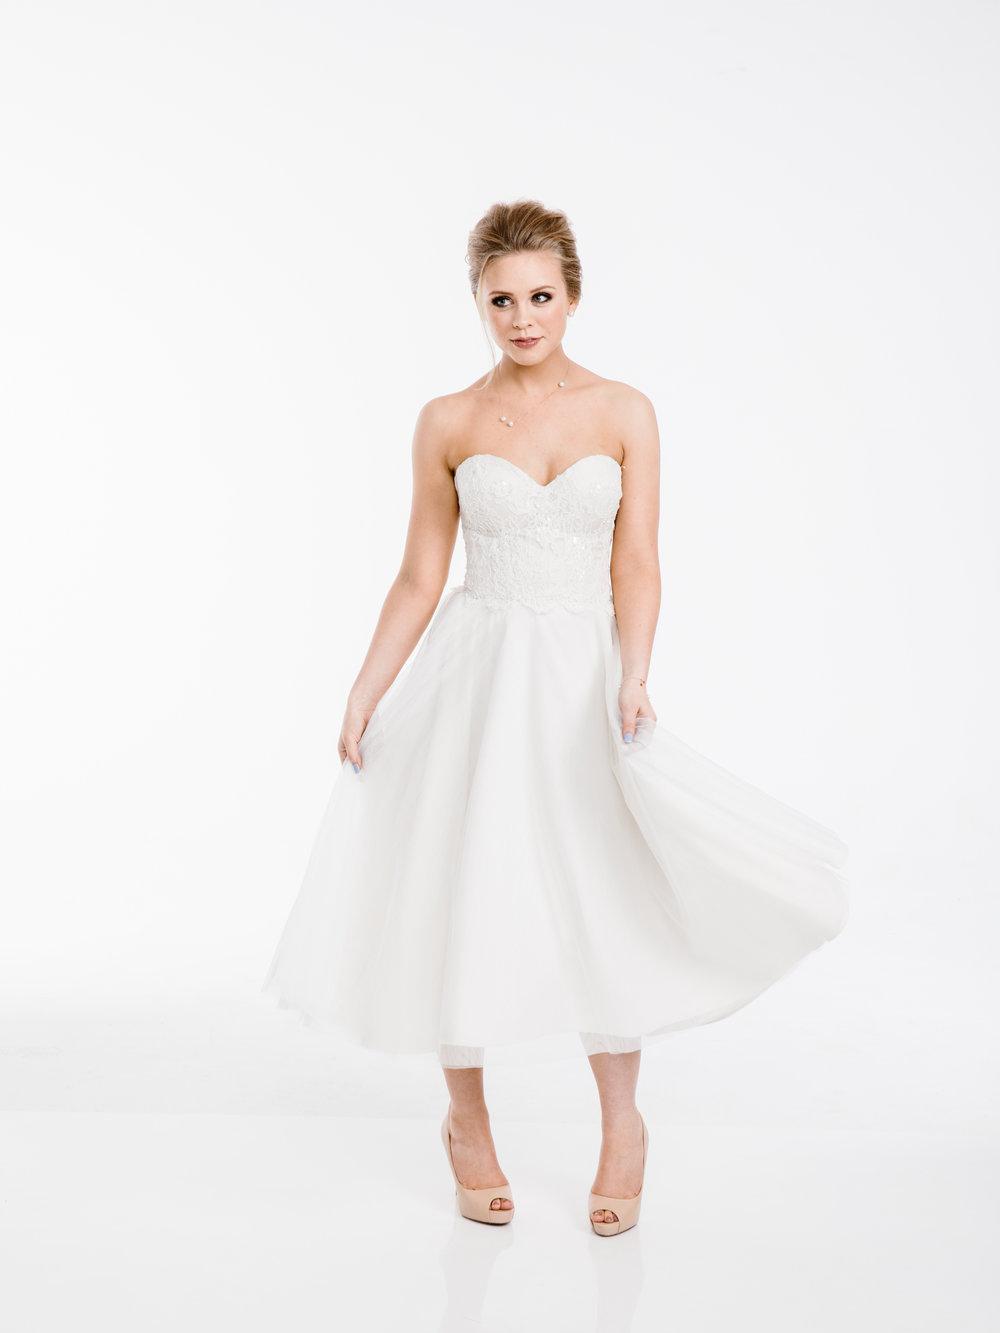 WeddingDresses-Olivia-367.jpg